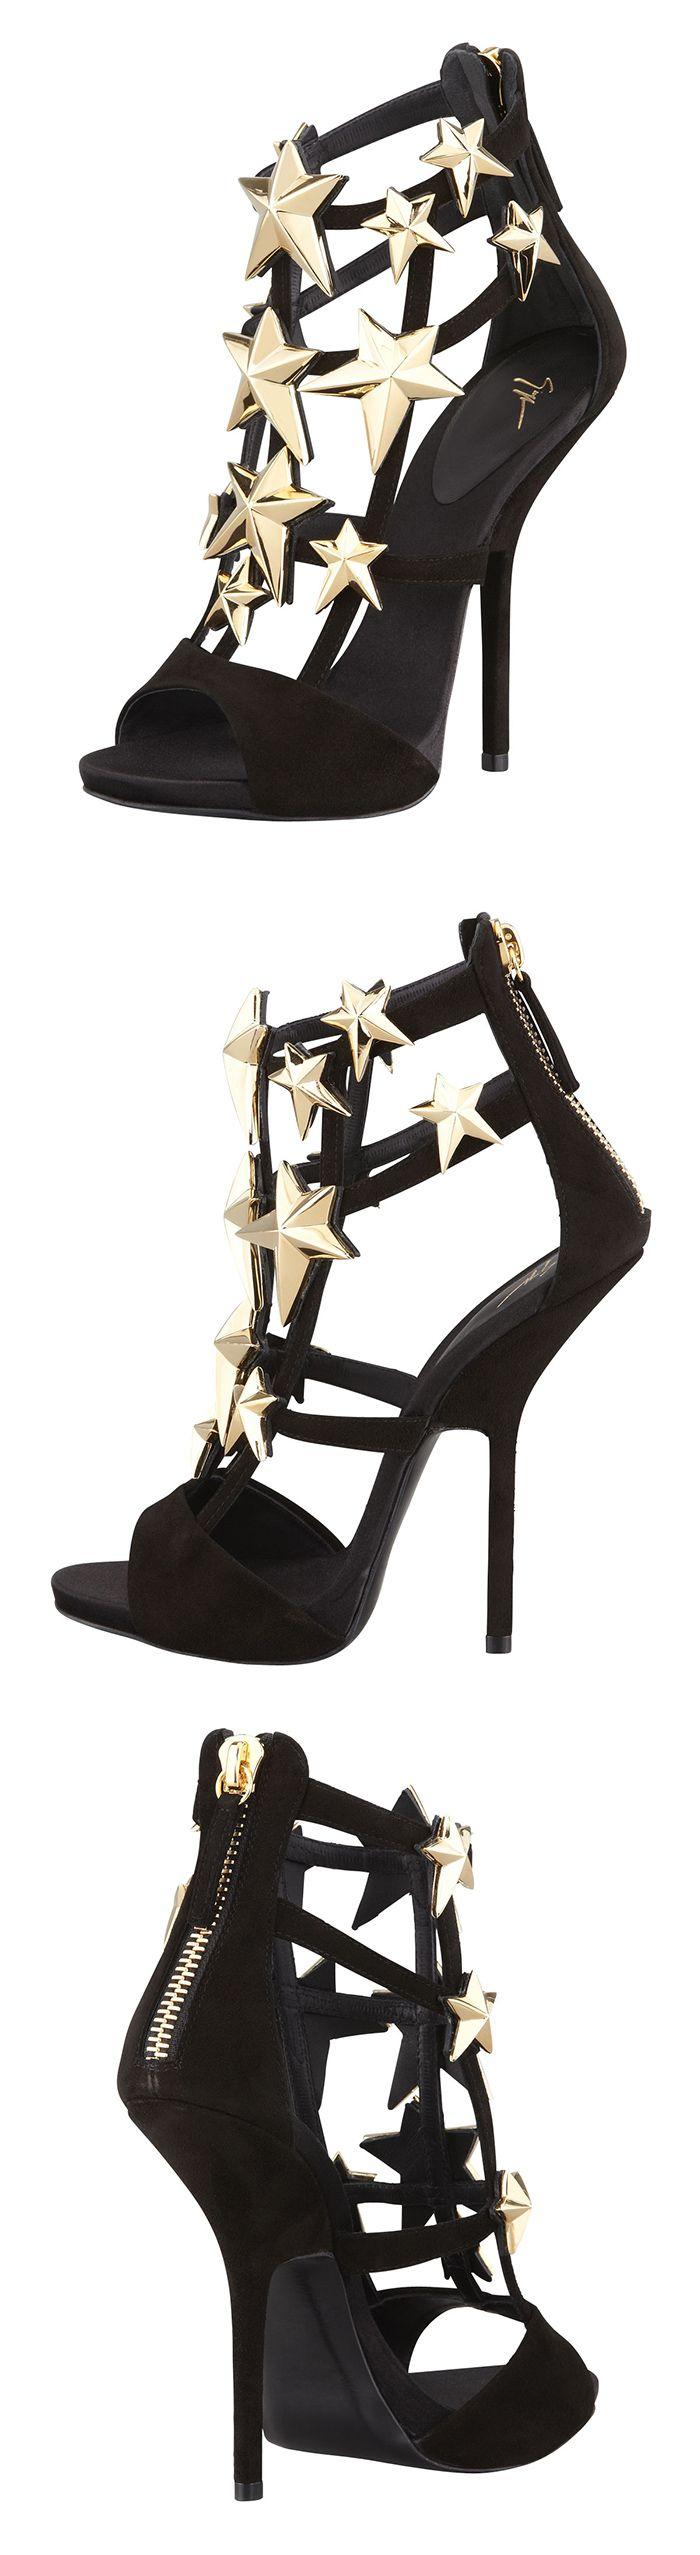 Starlight, star bright... I wish I may, I wish I might... wear Giuseppe Zanotti Heels tonight. 212 872 8947